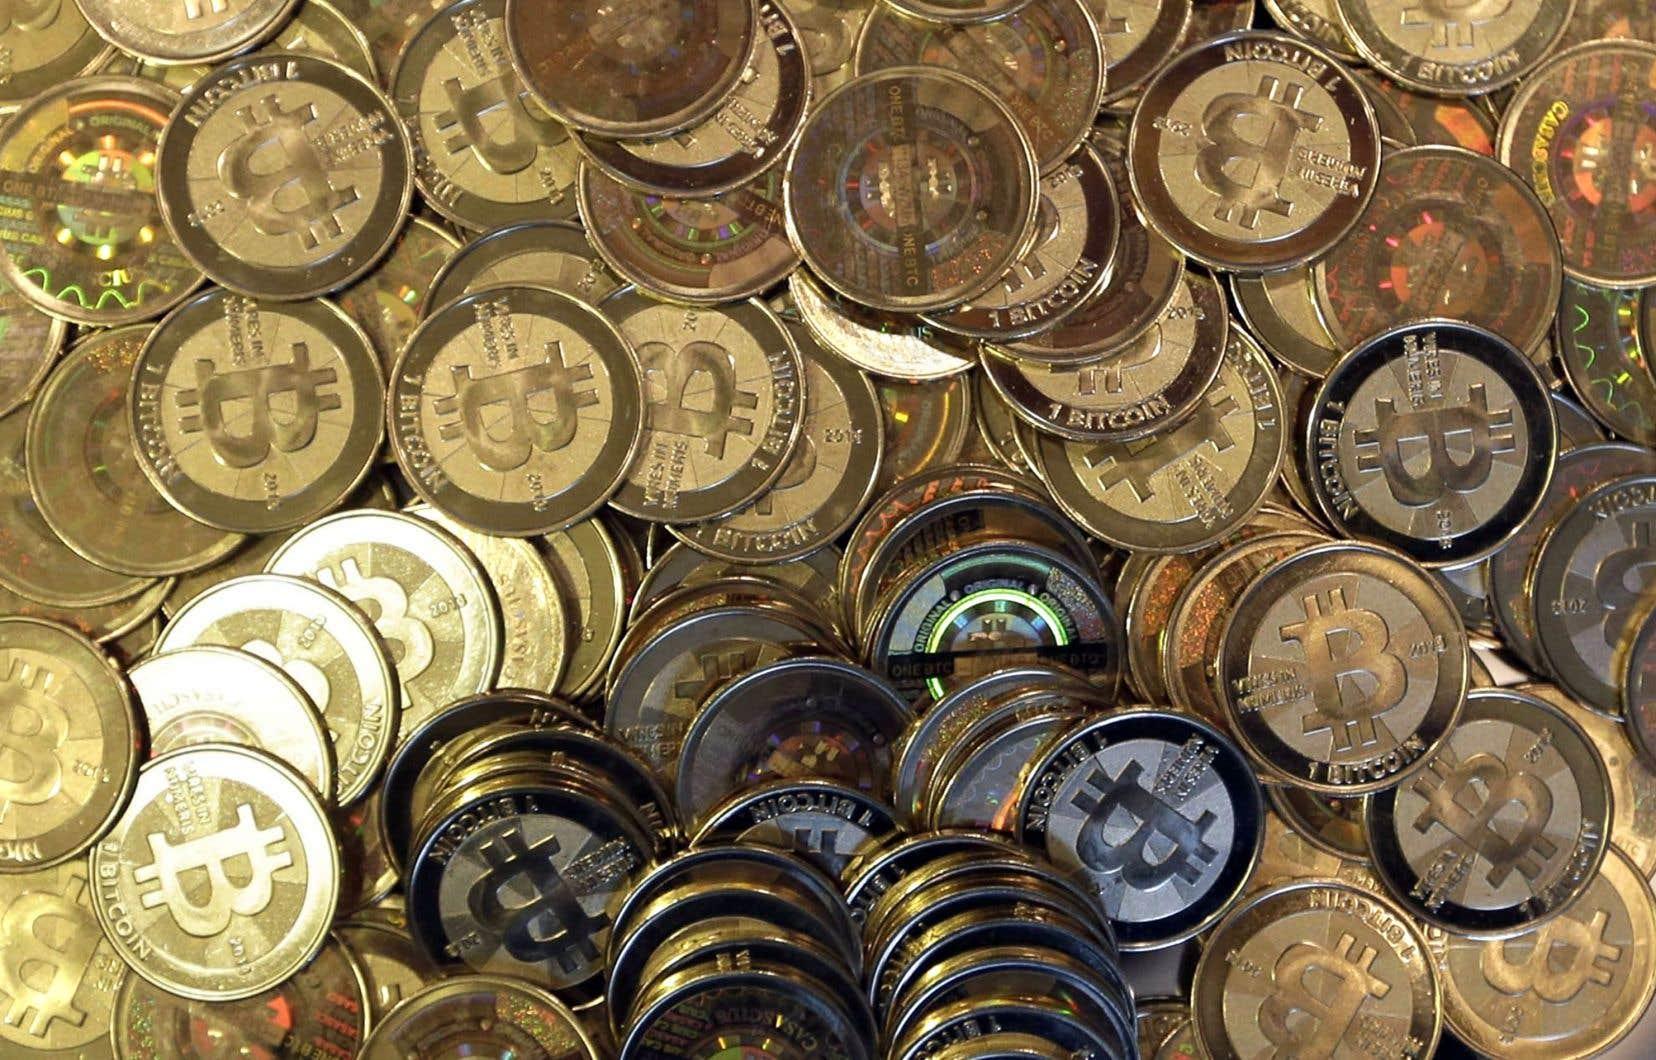 Certains pourraient se surprendre que seulement trois entreprises actives au Québec sur le marché de la cryptomonnaie soient inscrites au registre des lobbyistes.